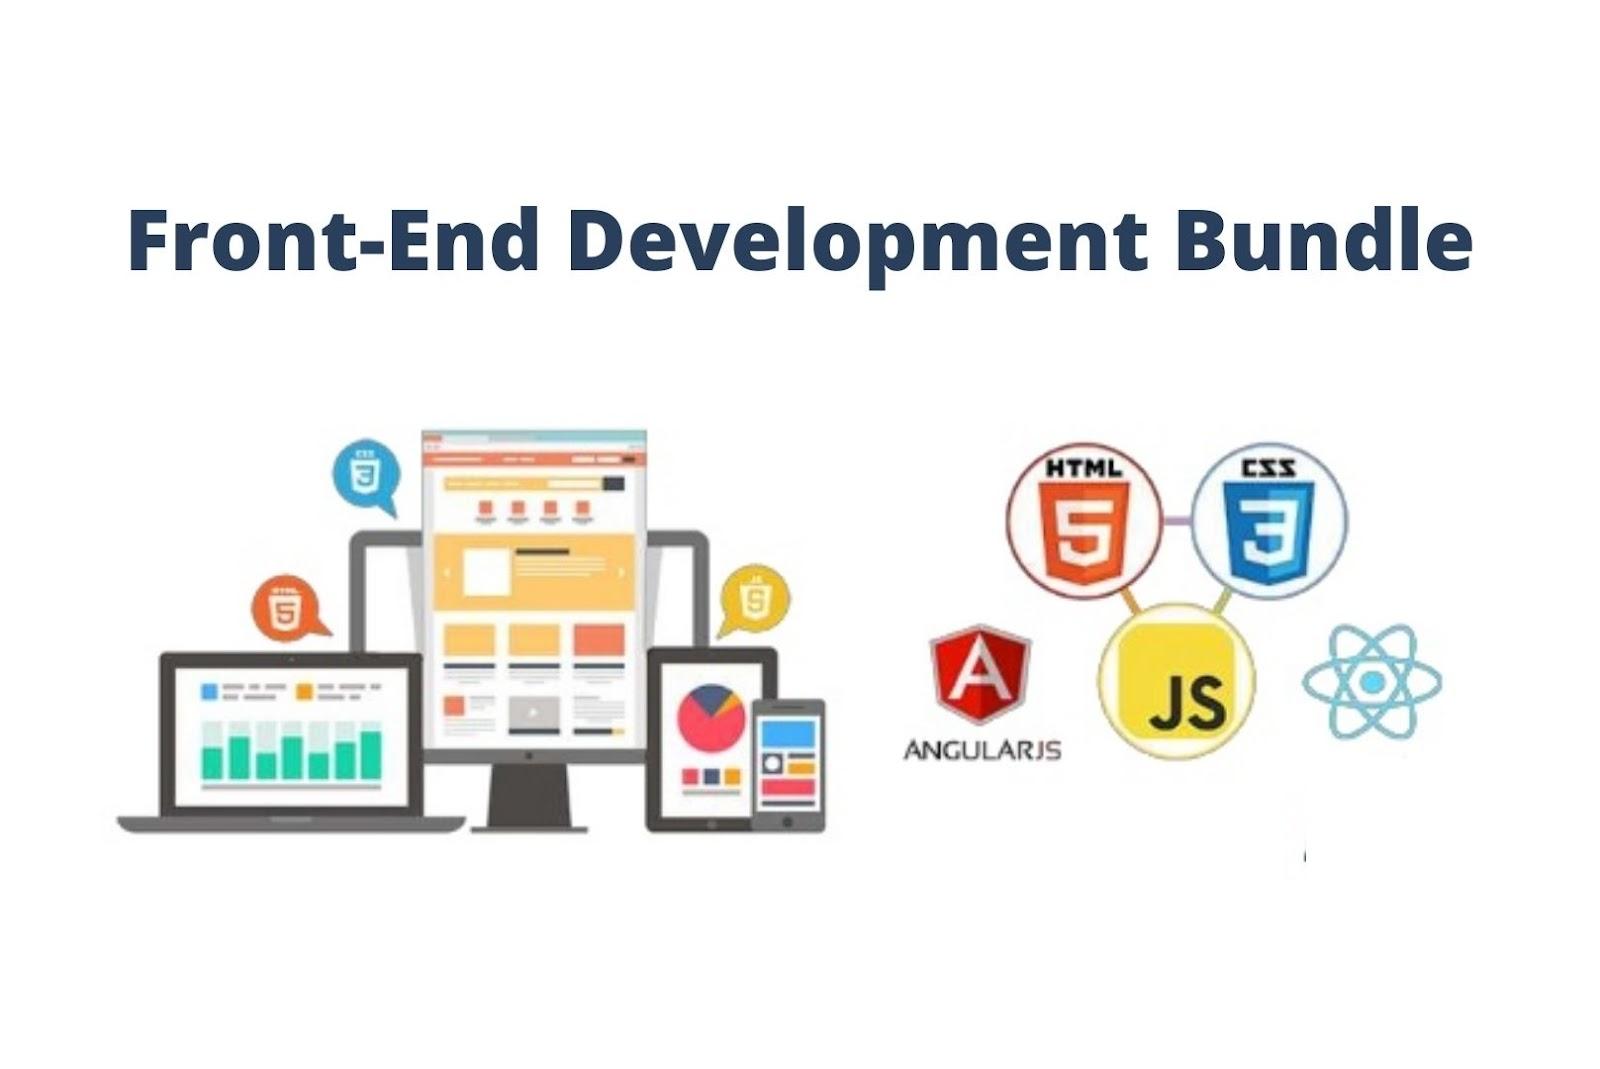 front-end development bundle